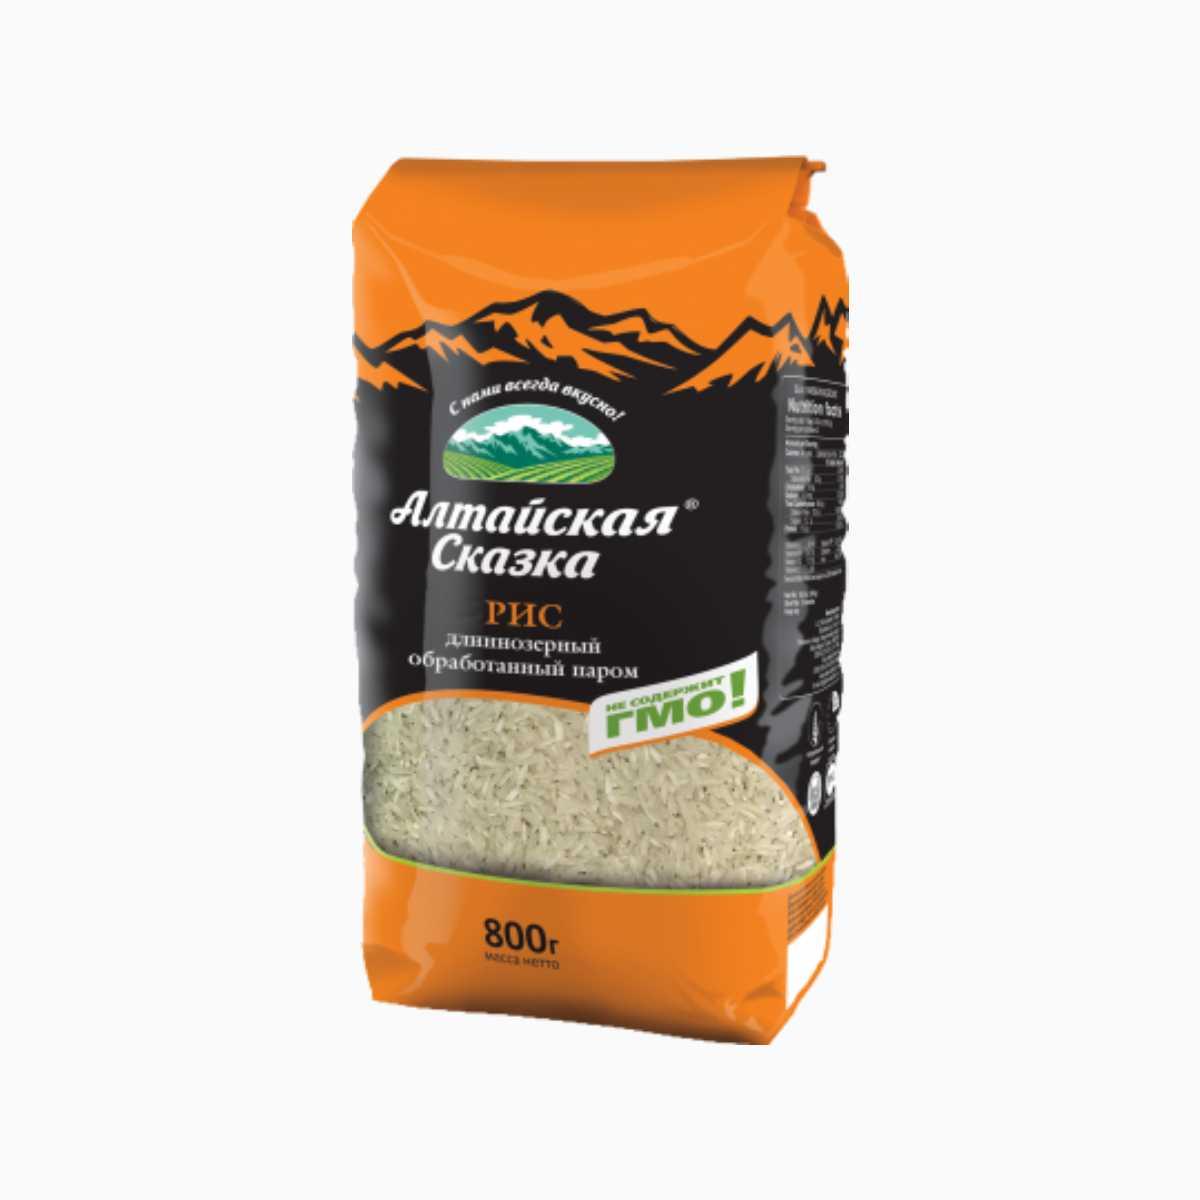 Рис длиннозёрный пропаренный, Алтайская сказка, 800 гр